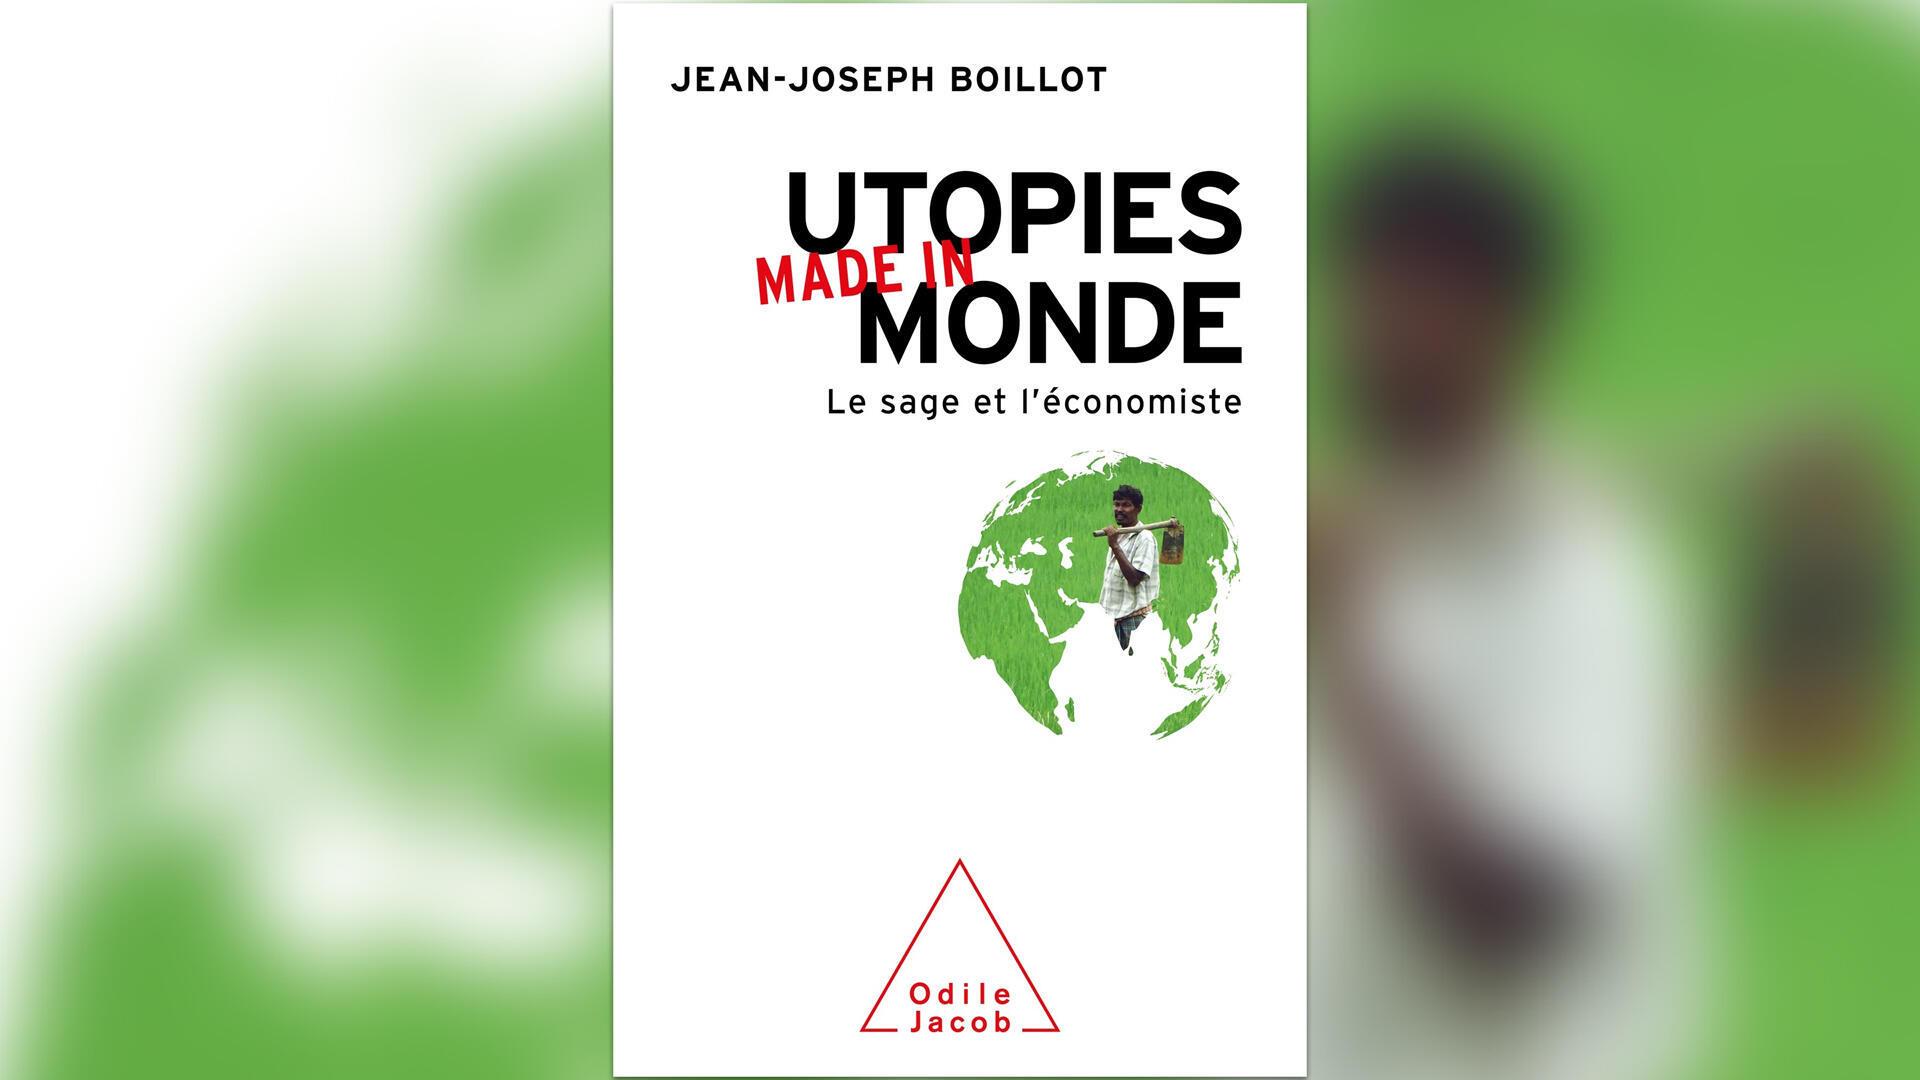 couverture - utopies made in monde - Jean-Joseph Boillot - Une semaine d'actualité